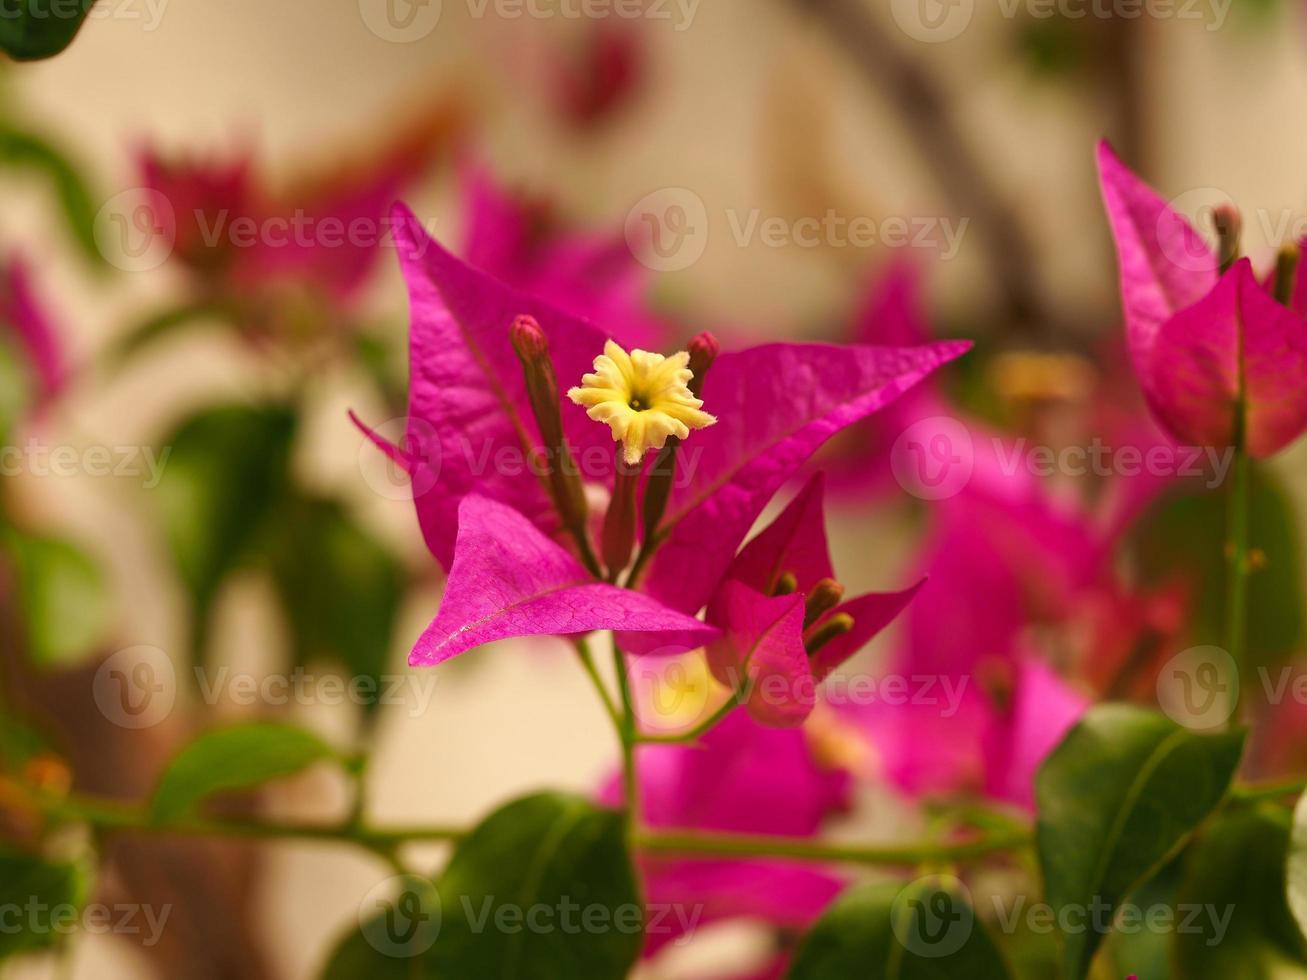 bel fiore giallo e brattee rosa di bouganville glabra foto